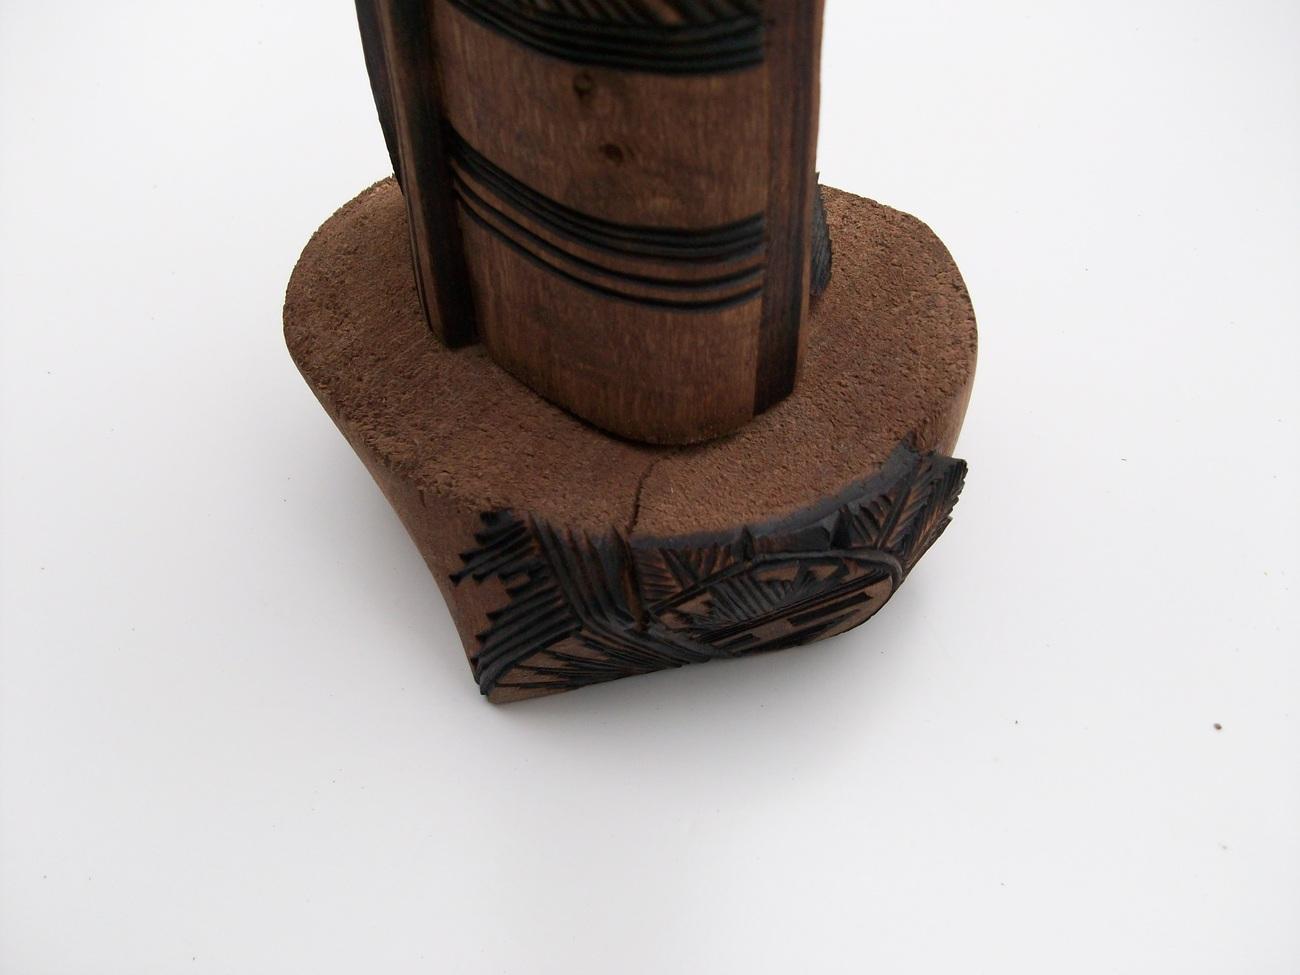 Navajo carving long hair kachina jerrold guy